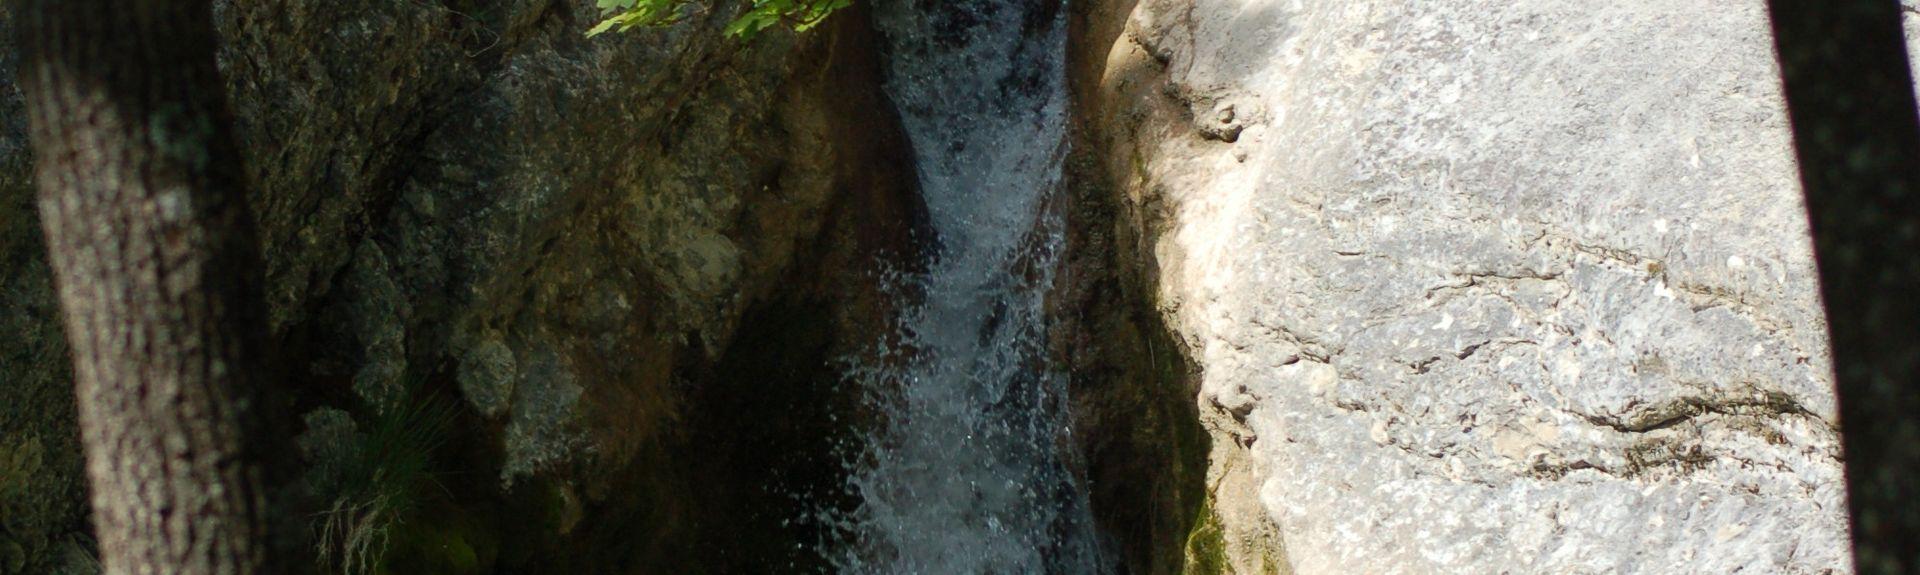 Valavoire, Alpes-de-Haute-Provence (departamento), França